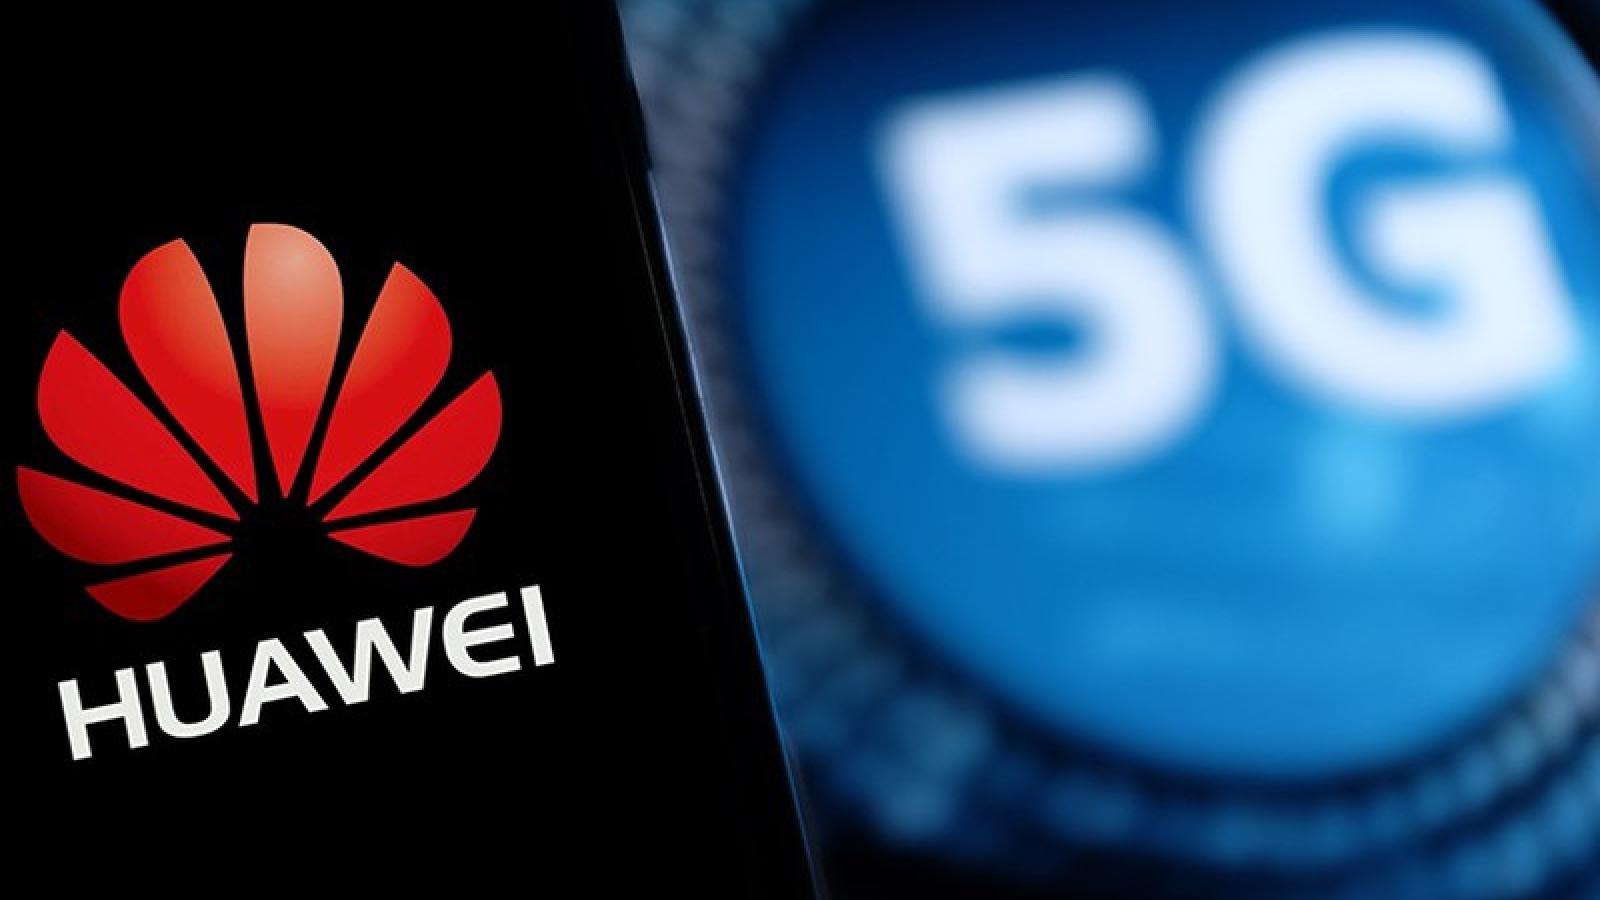 Anh kêu gọi Nhật Bản giúp đỡ xây dựng mạng 5G thay thế Huawei